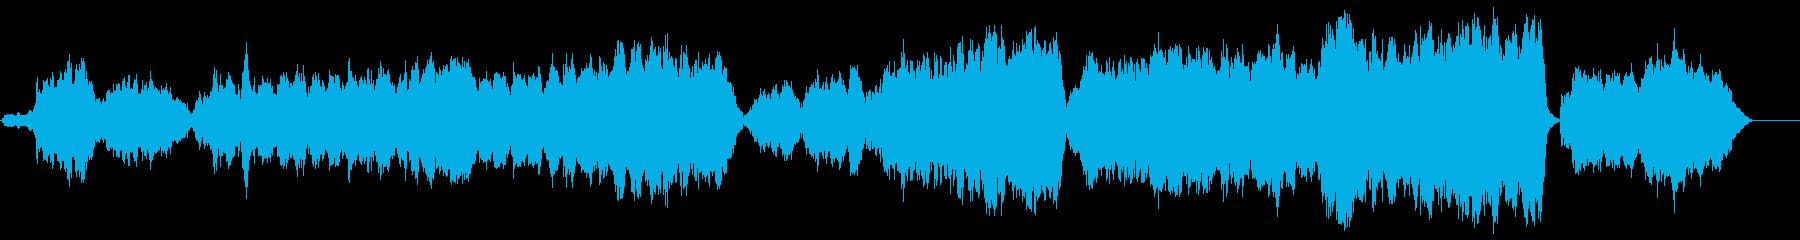 感動的に盛り上がるフルオーケストラ楽曲の再生済みの波形